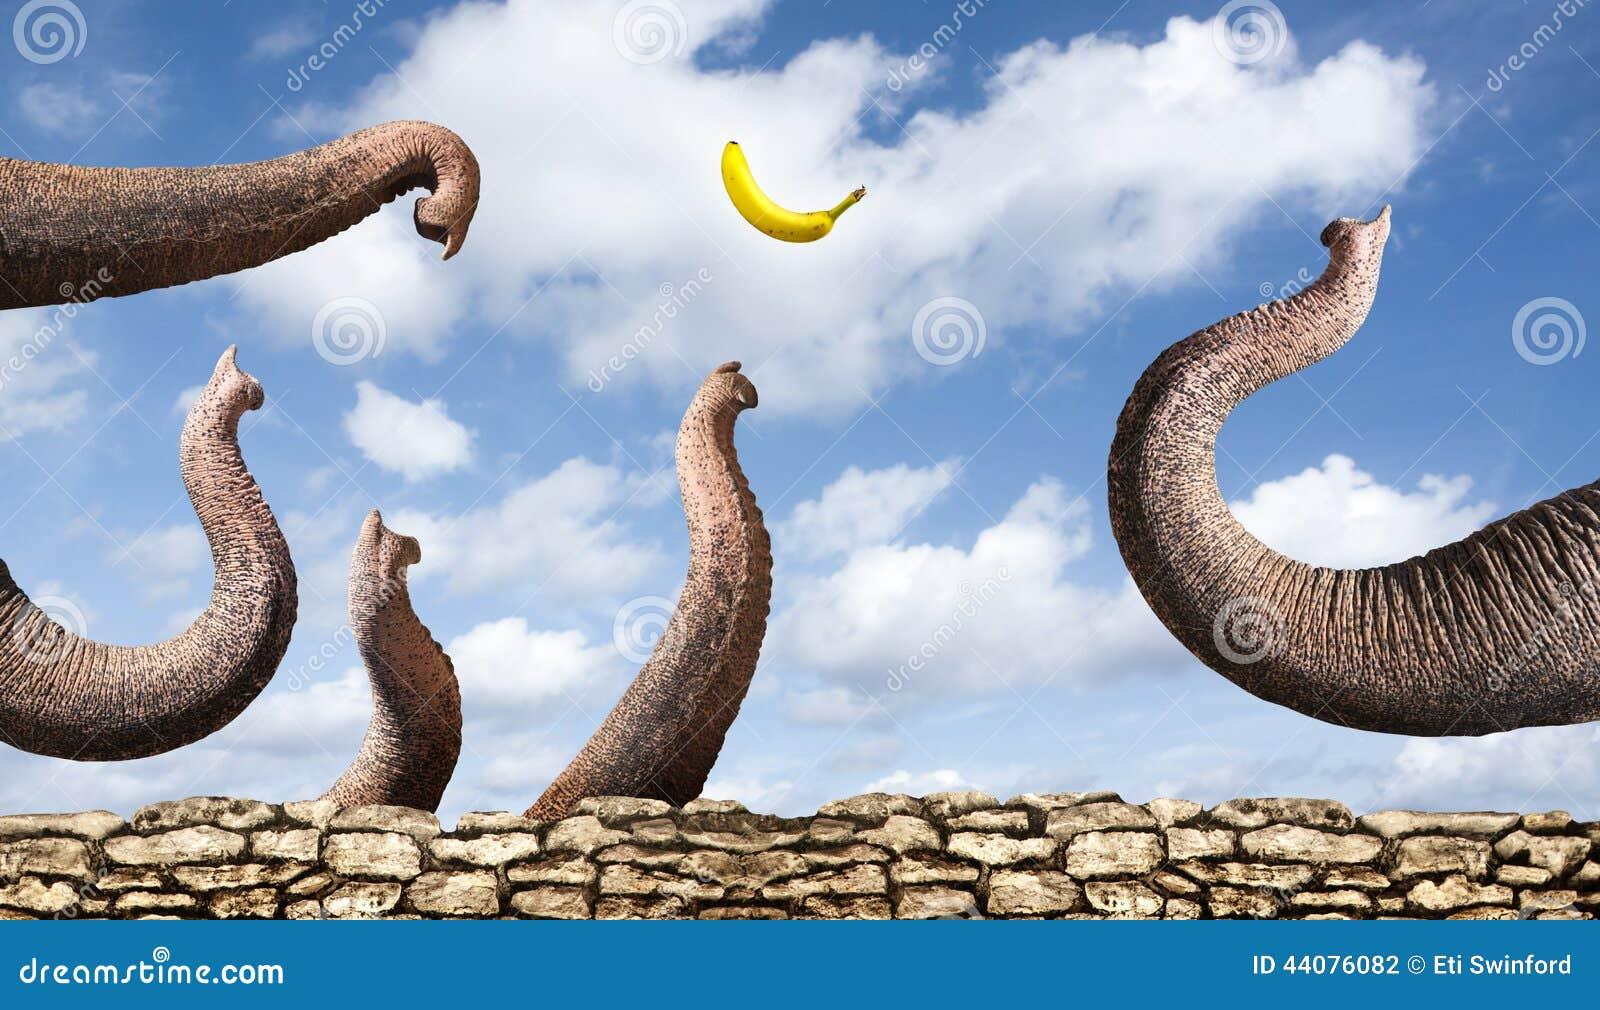 Elephants catching a banana